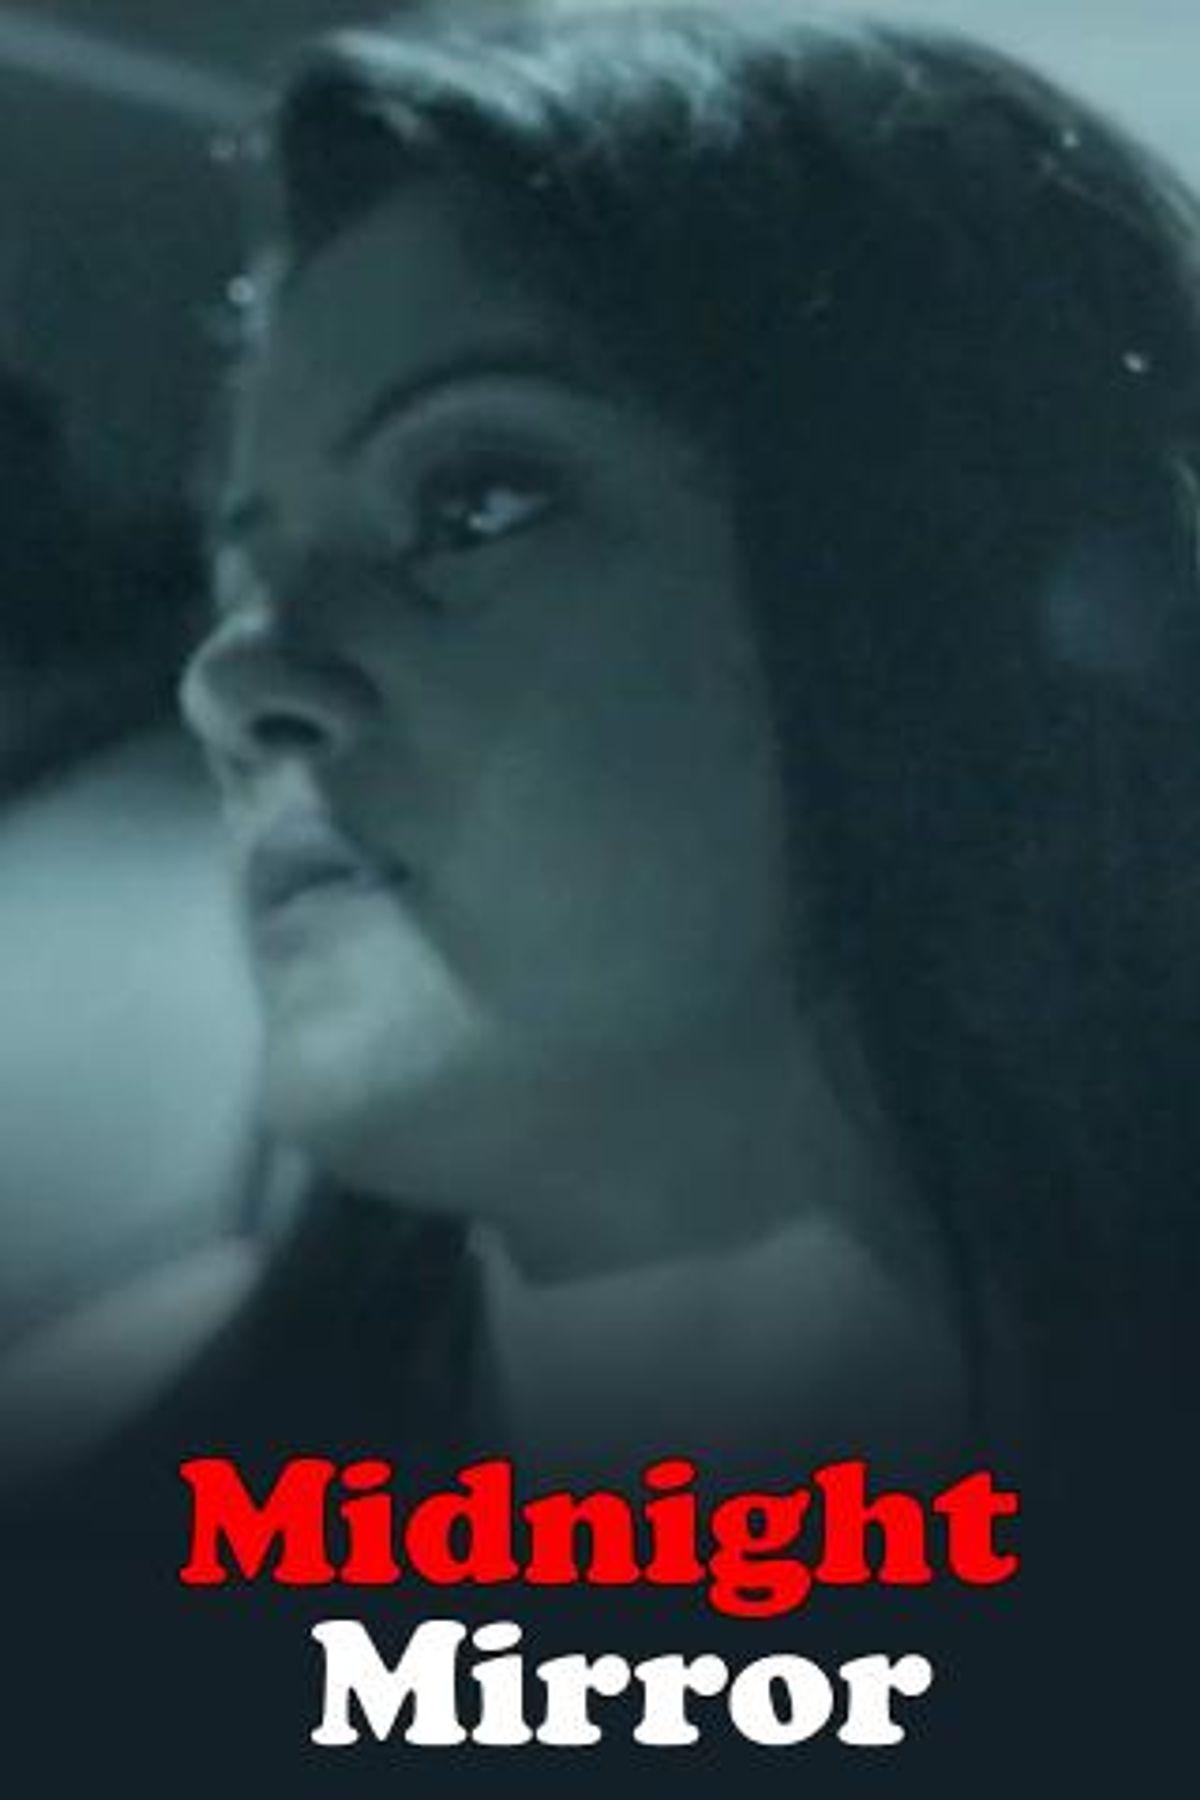 Midnight Mirror (Short Film)